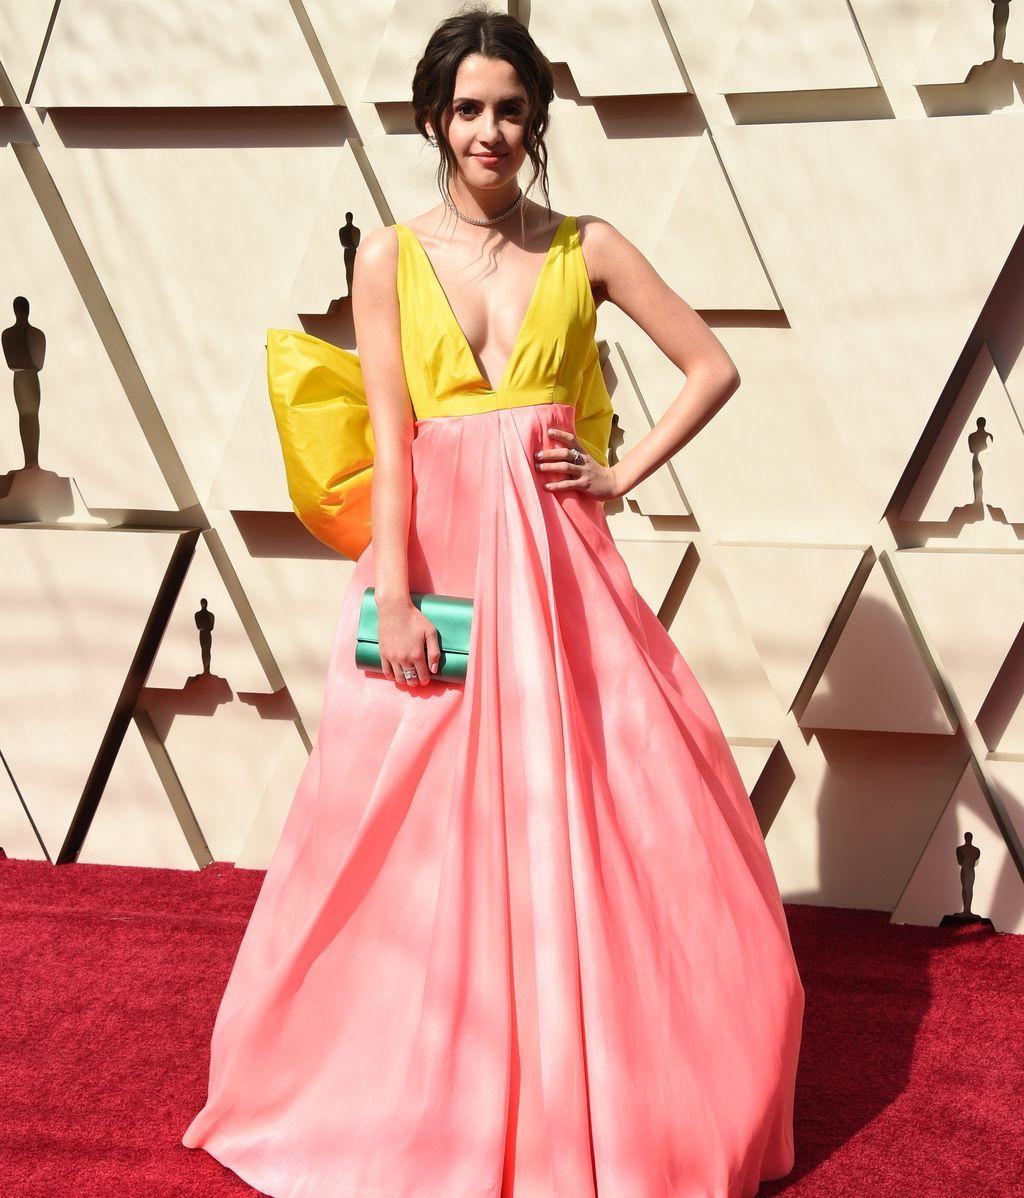 Laura Marano con vestido bicolor de escote profundo y adornado con un lazo en la espalda, de Celia Kritharioti